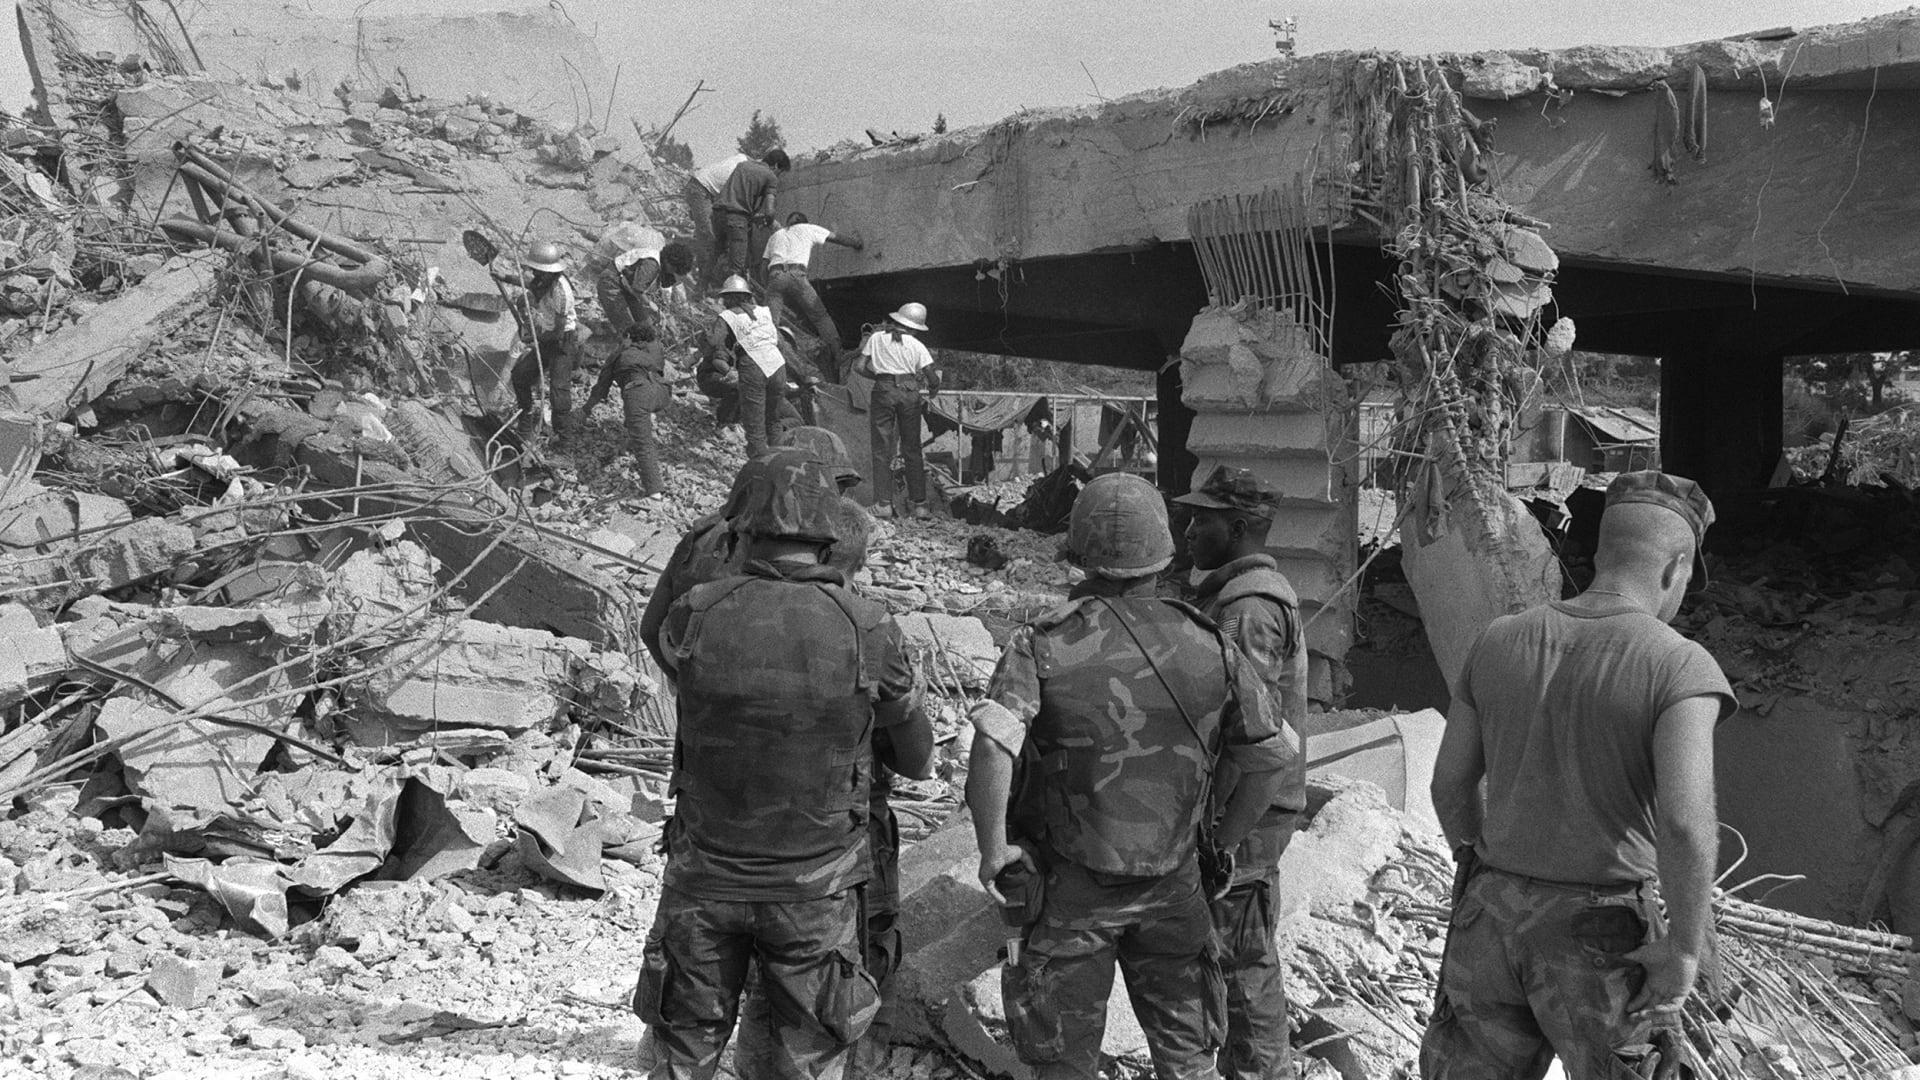 صورة أرشيفية لآثار تفجير ثكنة مشاة البحرية الأمريكية في بيروت عام 1983